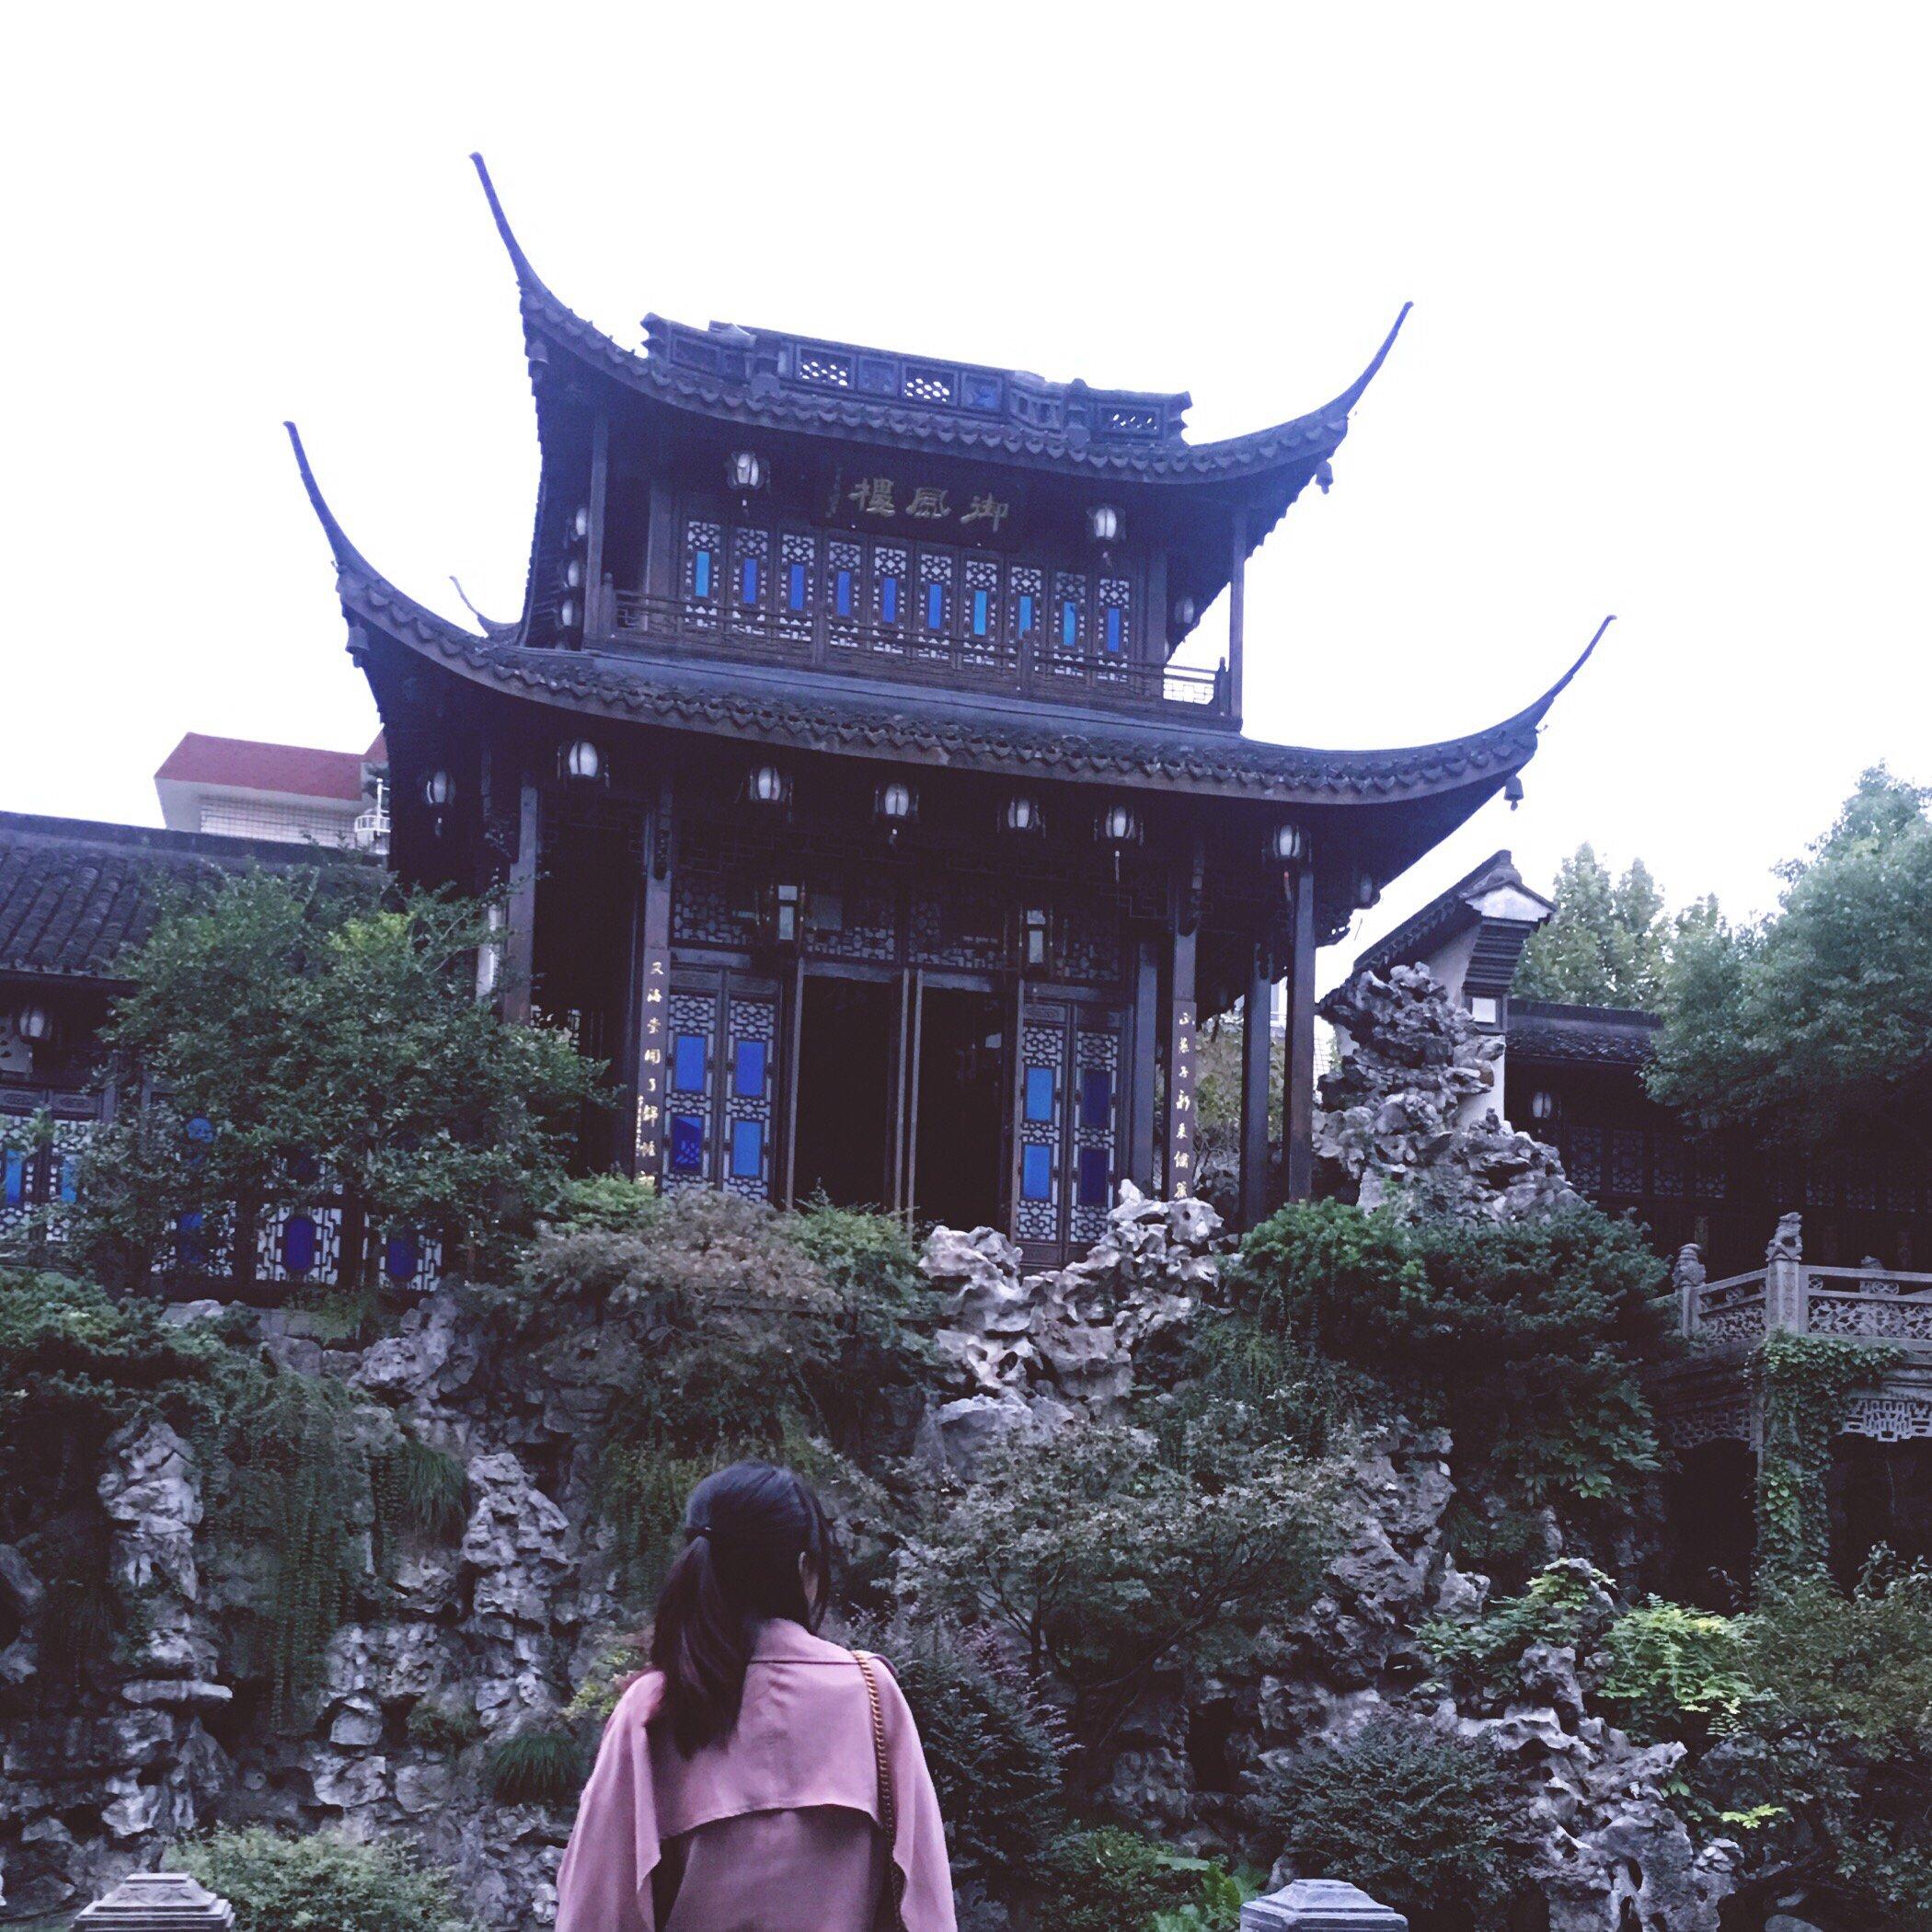 十月桂花飘香溢杭州五日游